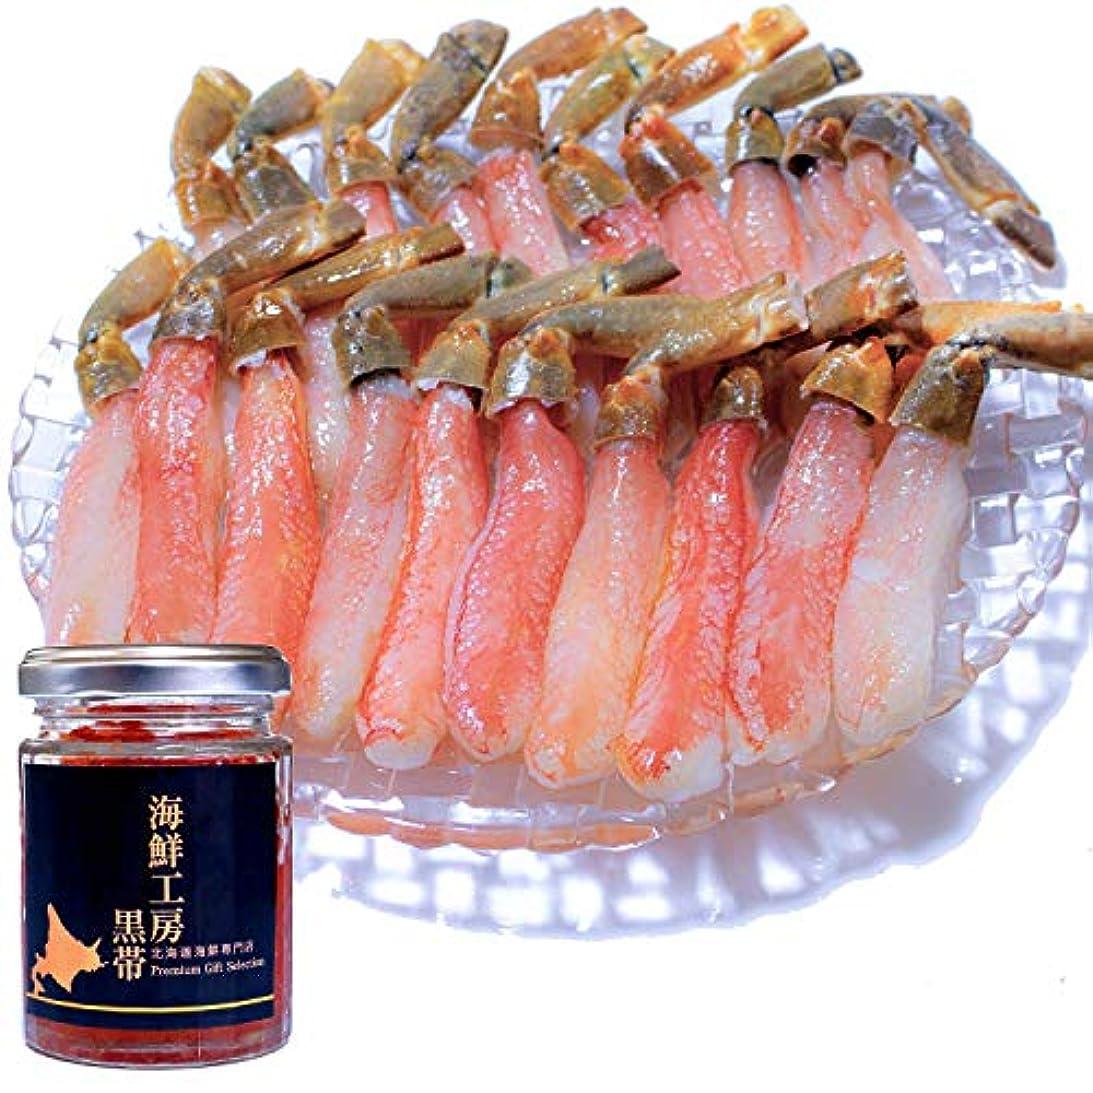 早めるカートン宇宙の黒帯 北海道 海鮮 詰め合わせ ギフトセット いくら醤油漬け 生ズワイガニ 棒肉 ポーション (いくら100g ポーション500g)